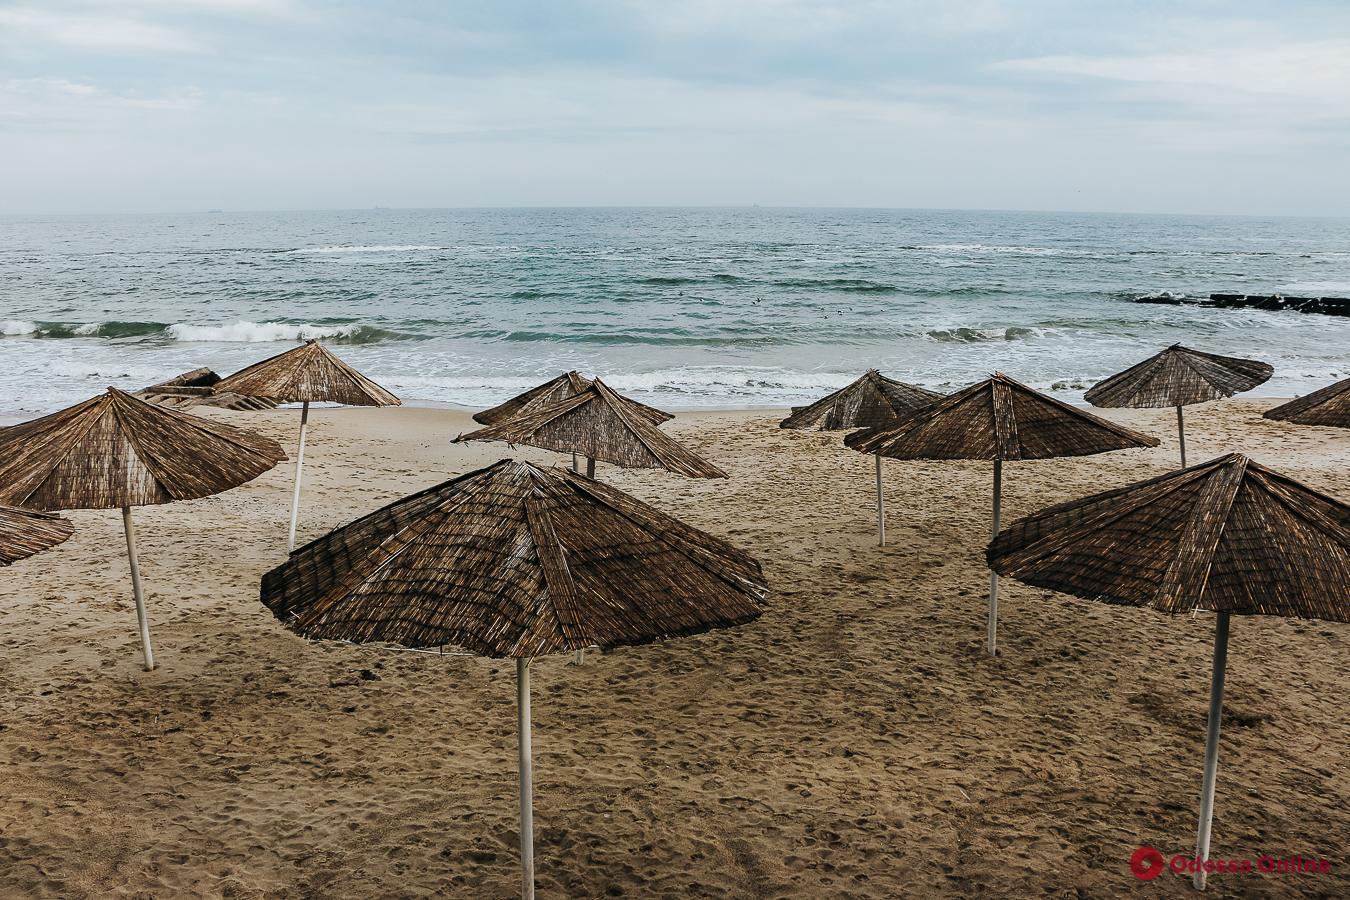 Чайки и волны: прогулка по пустынному одесскому пляжу (фоторепортаж)